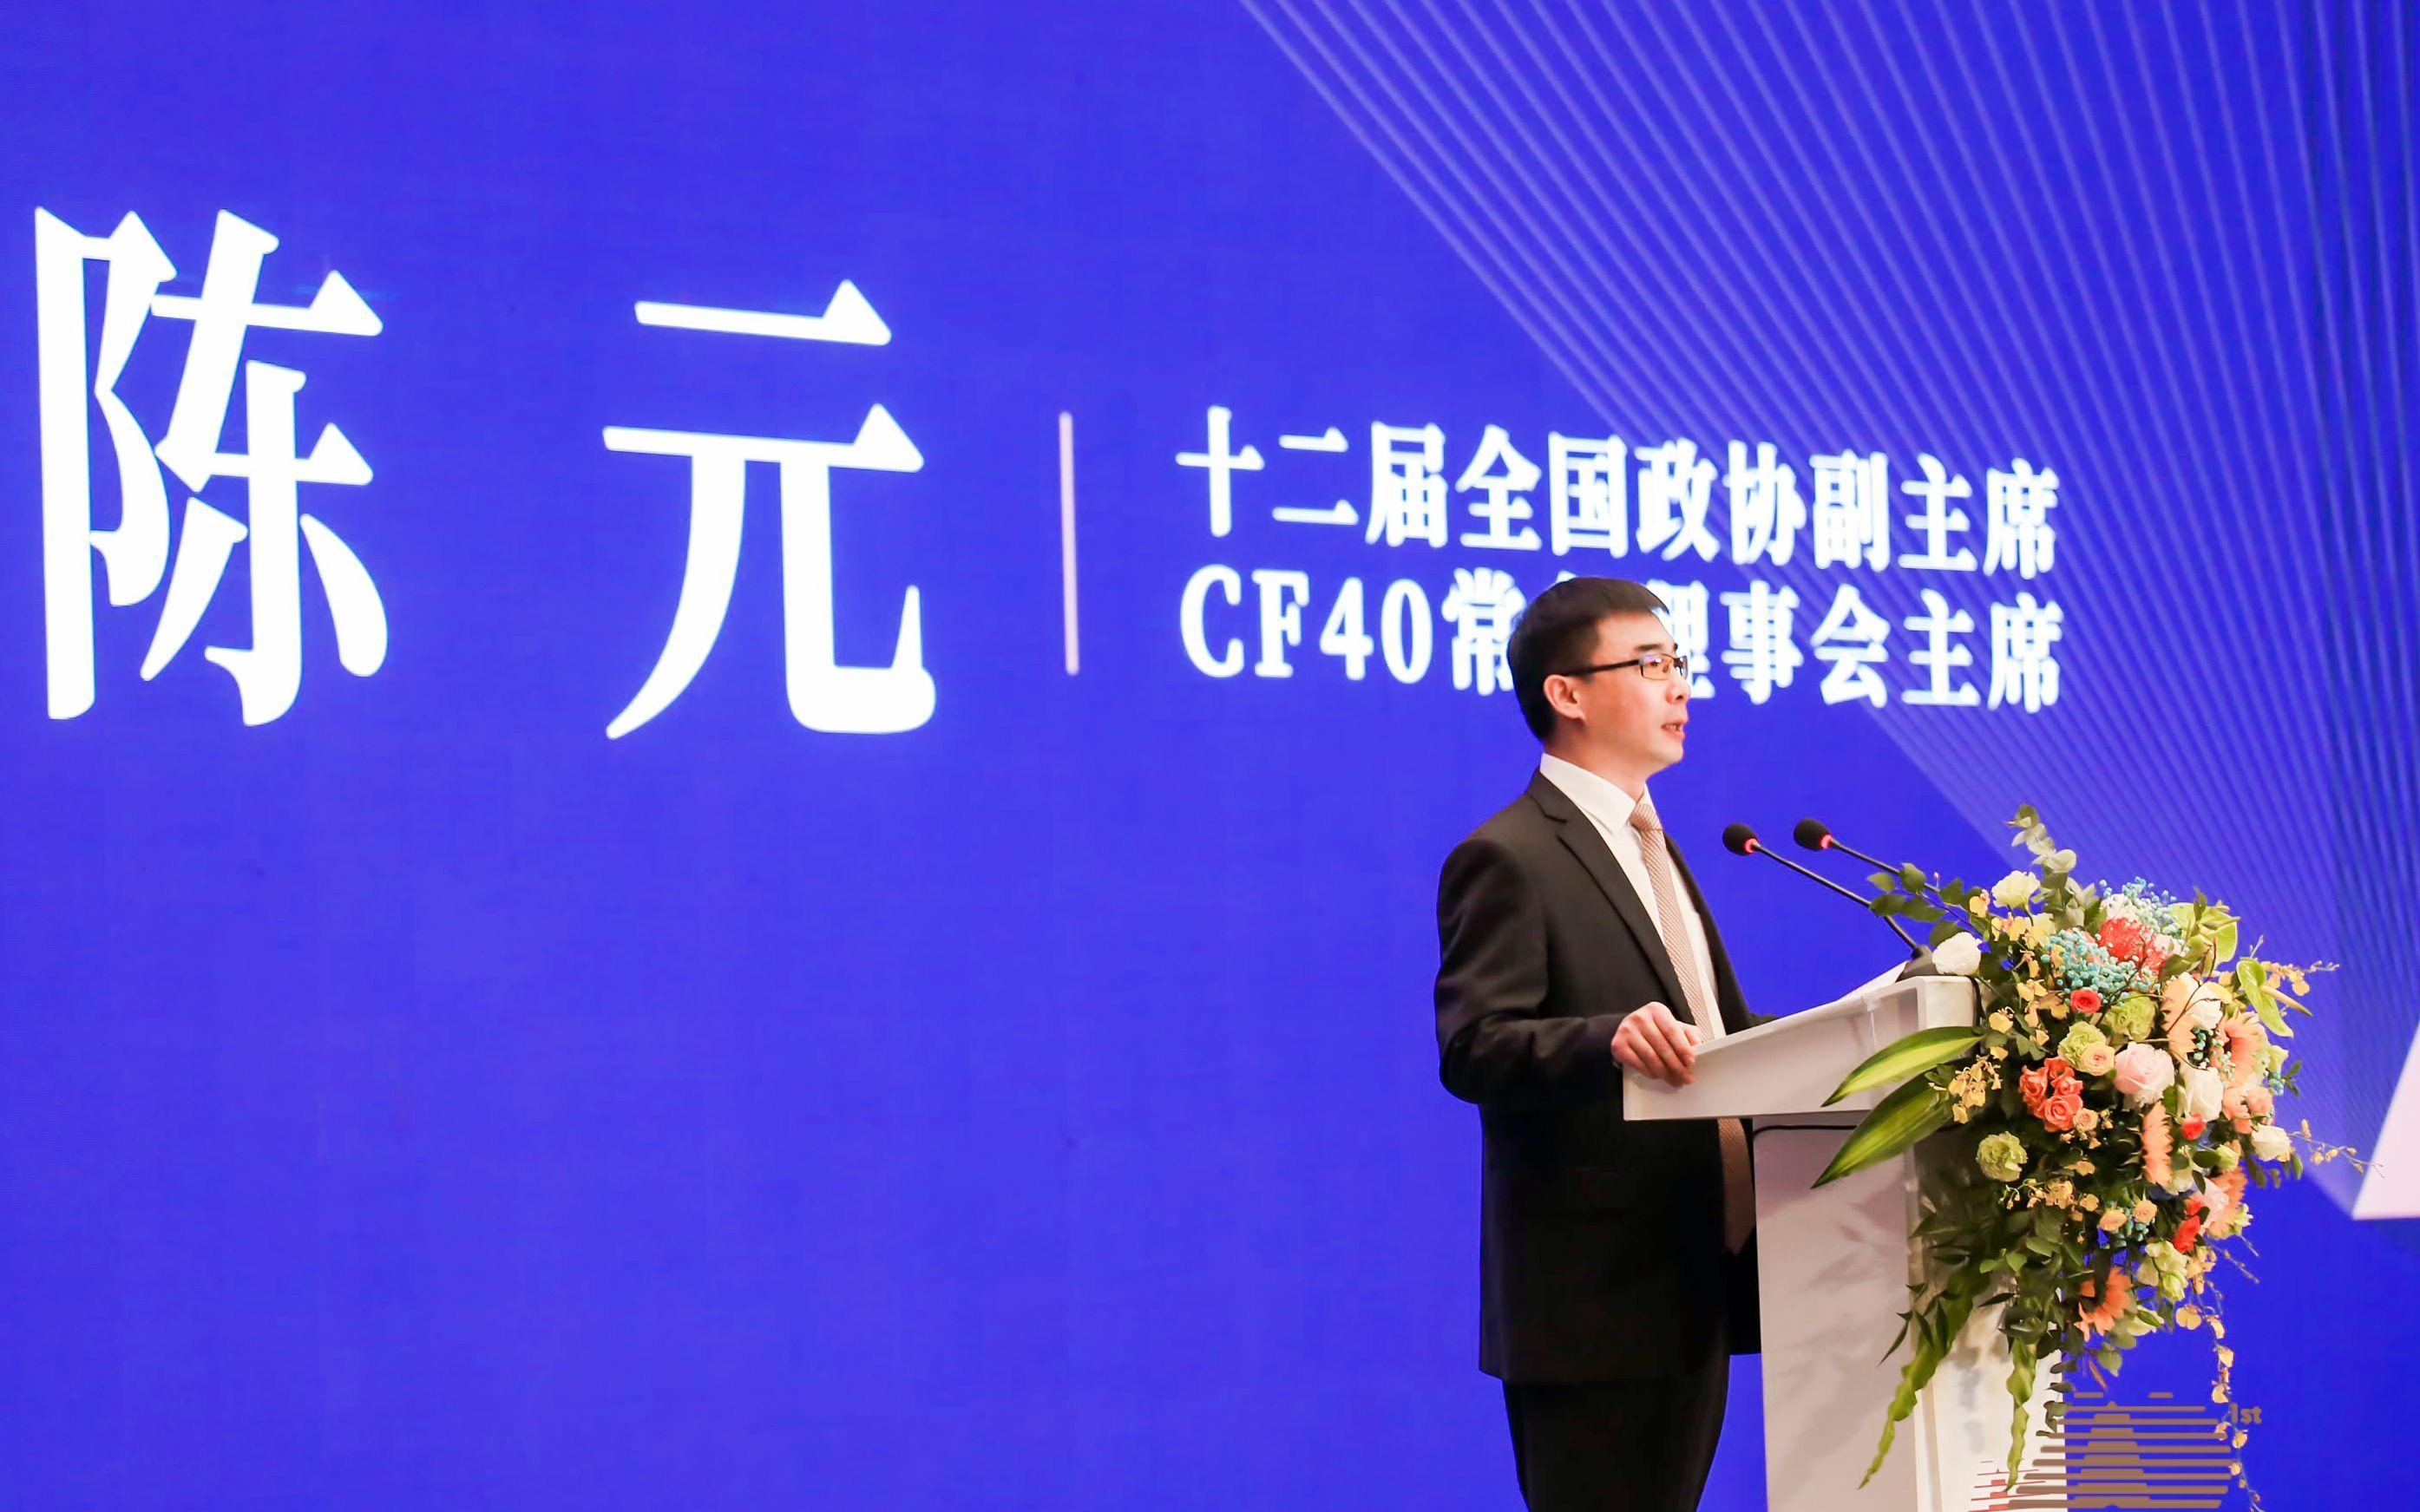 陈元:优化社保支出,发展市场化的保险行业,让人民群众有钱敢花